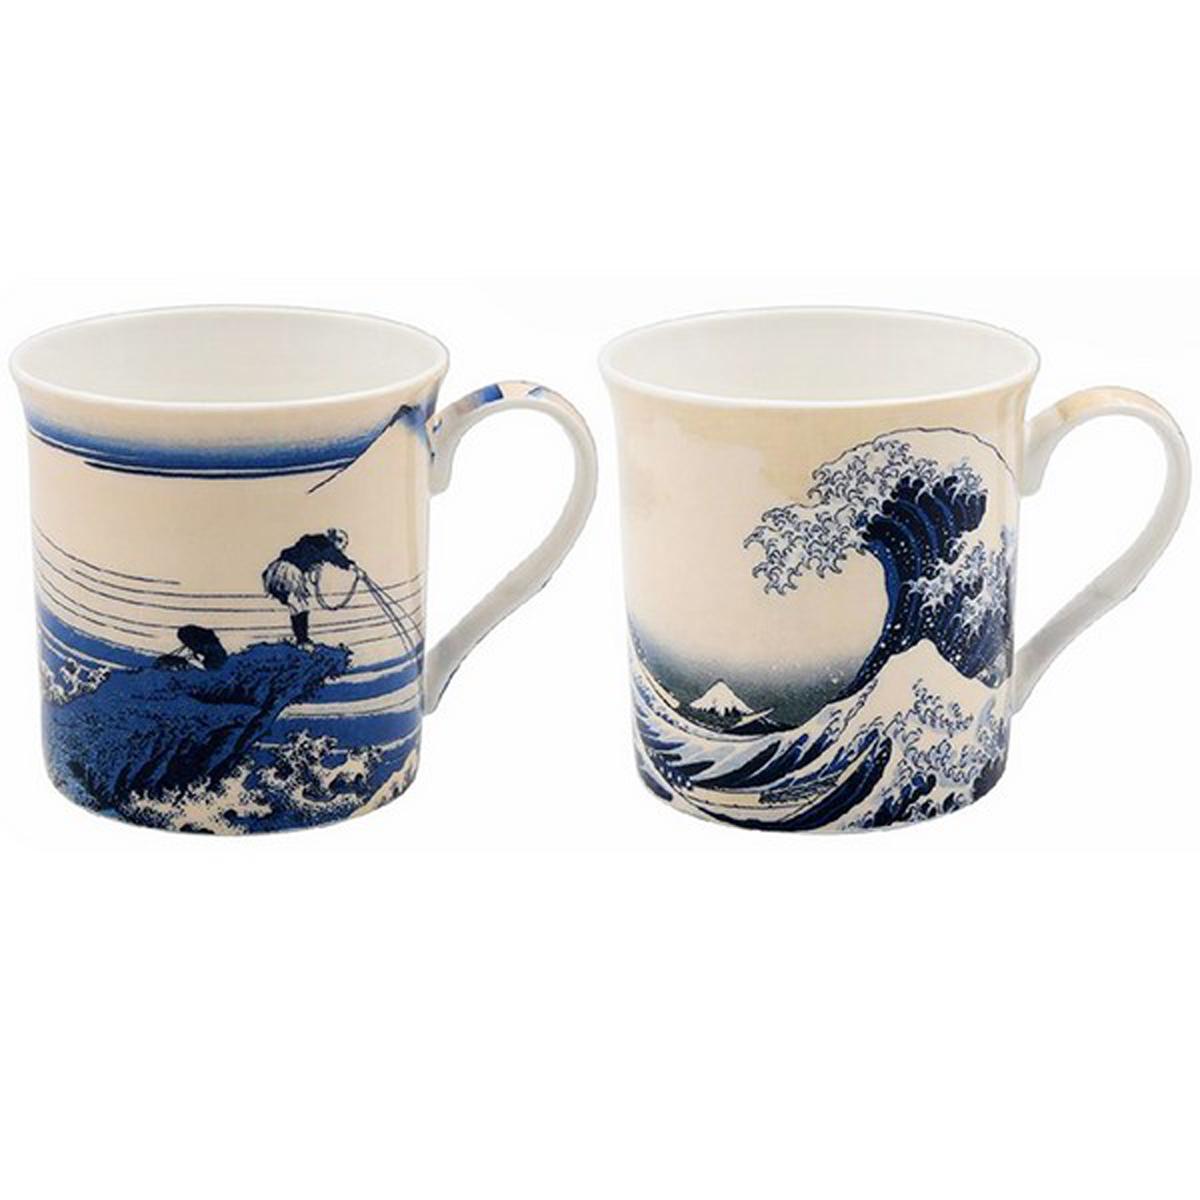 Coffret cadeau porcelaine \'Hokusai\' (2 mugs) - 85x85 mm (La Grande Vague de Kanagawa) - [A0201]